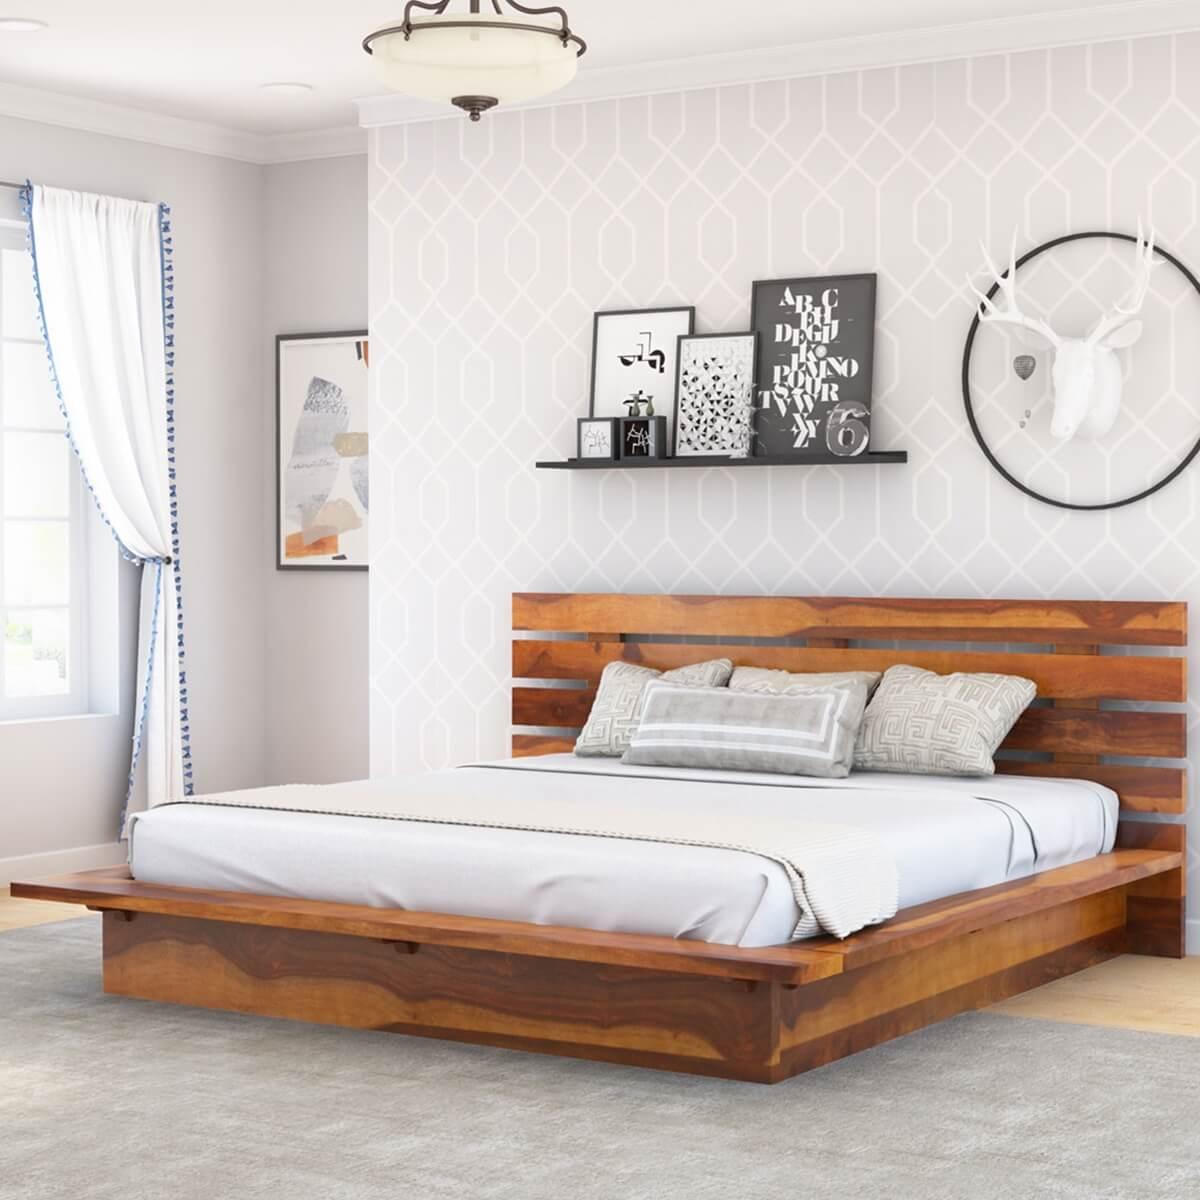 Flagstaff Solid Wood Full Size Platform Bed Frame